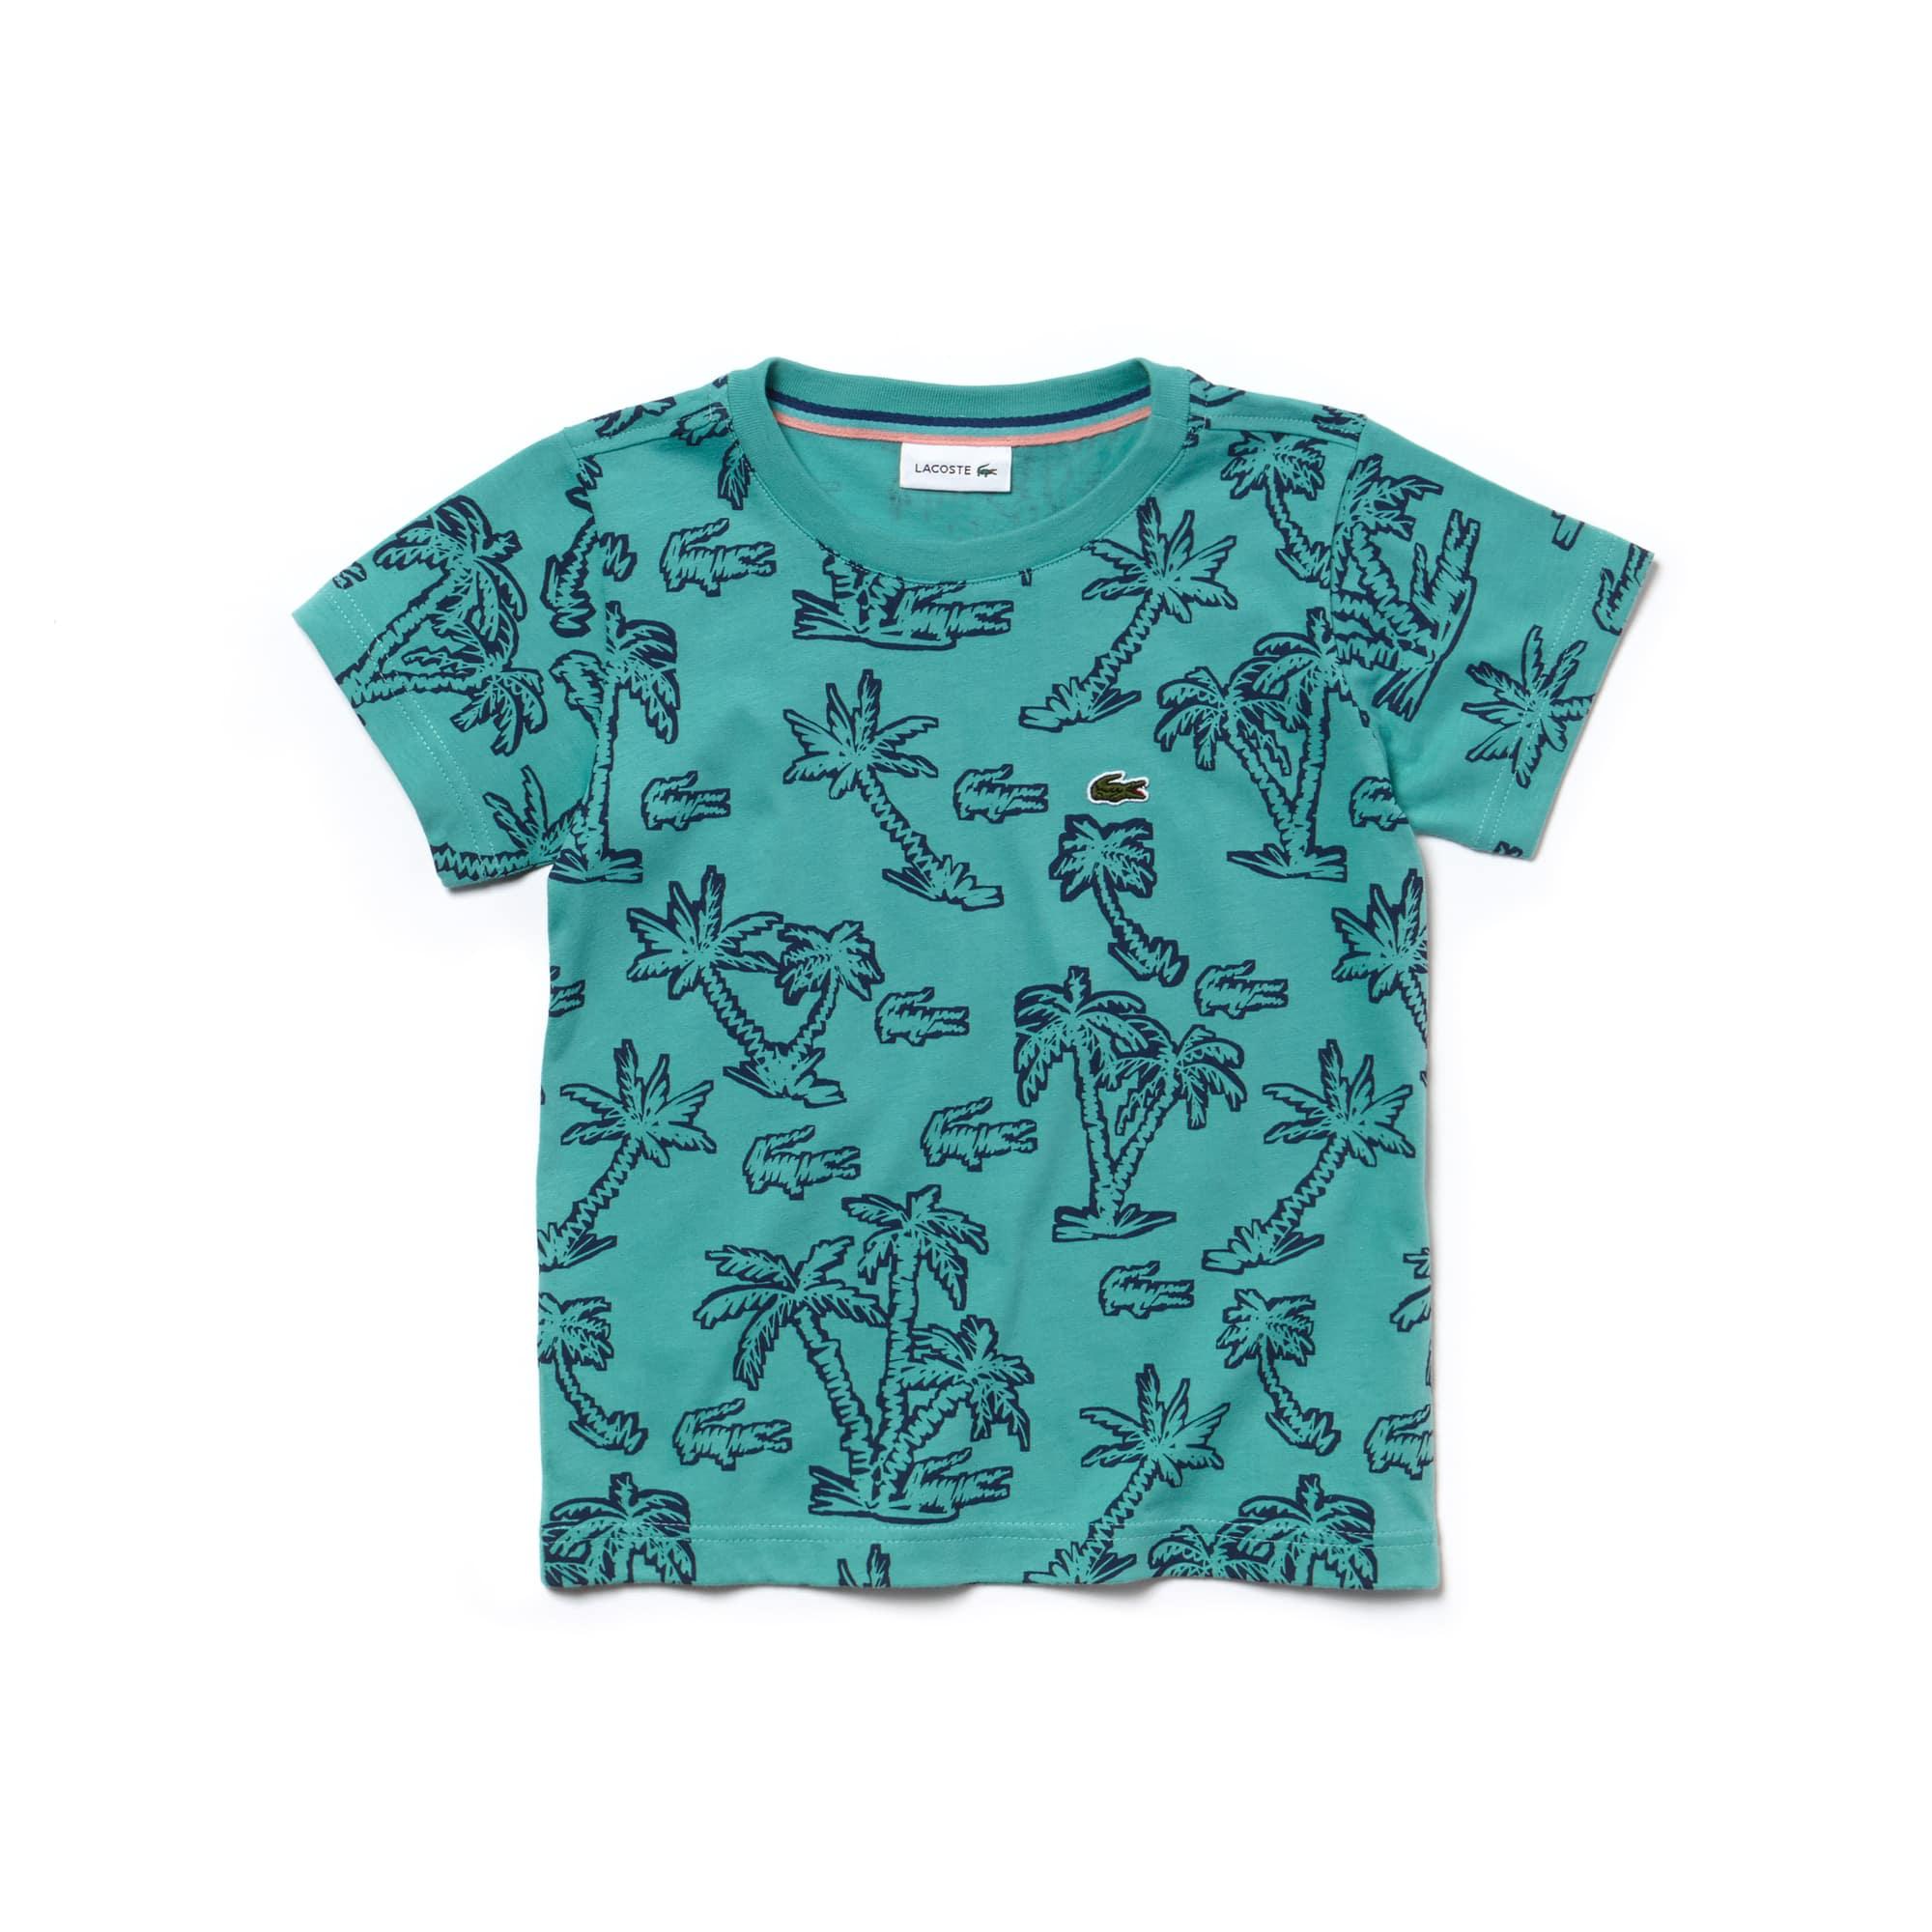 Jungen Rundhals T-Shirt aus Baumwolljersey mit Palmenprint